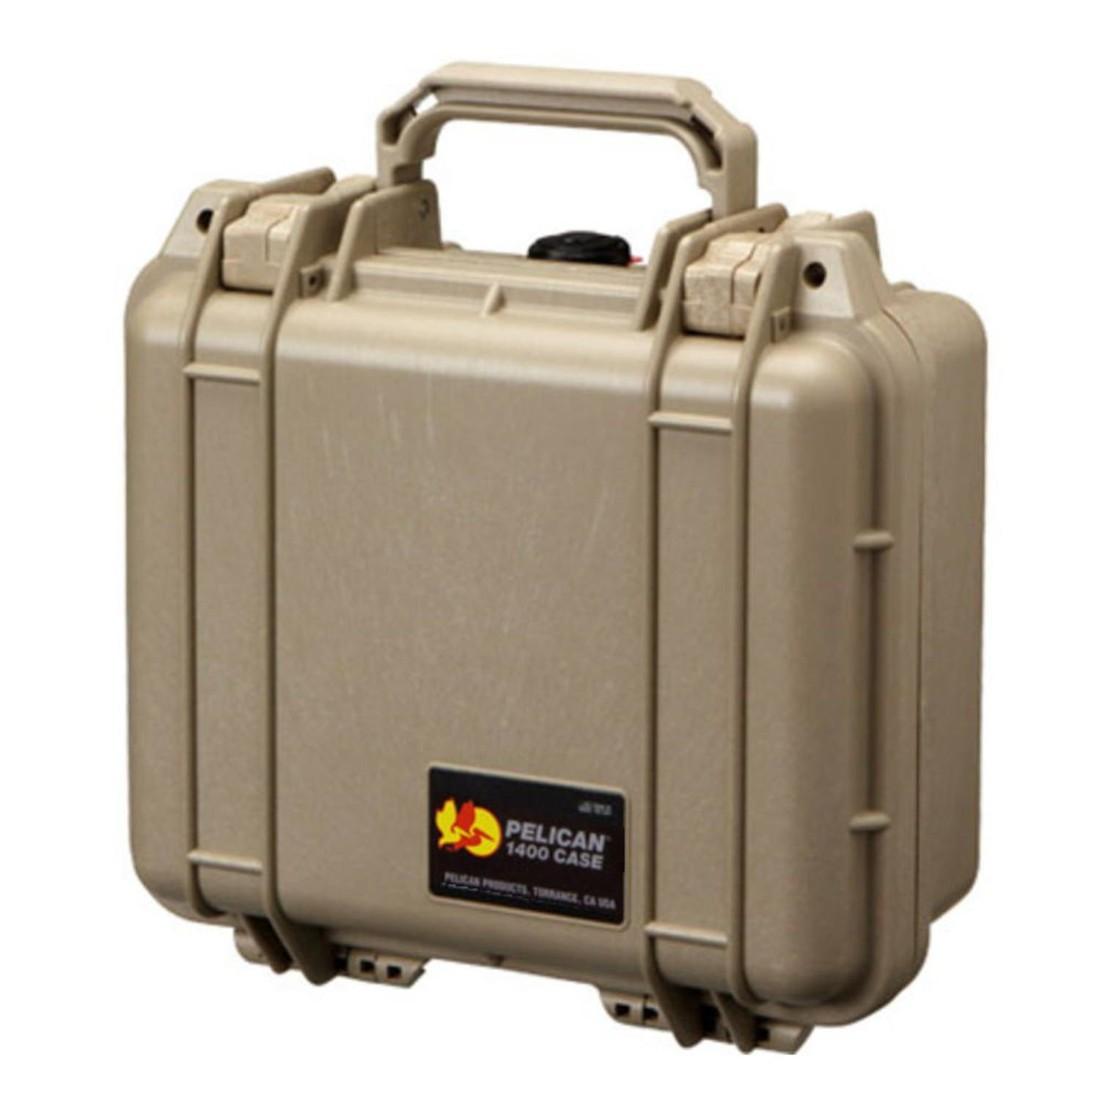 【自社在庫品】 ペリカン 1200フォーム 防水ケース フォーム付 PELICAN Waterproof Case 1200 WL/WF